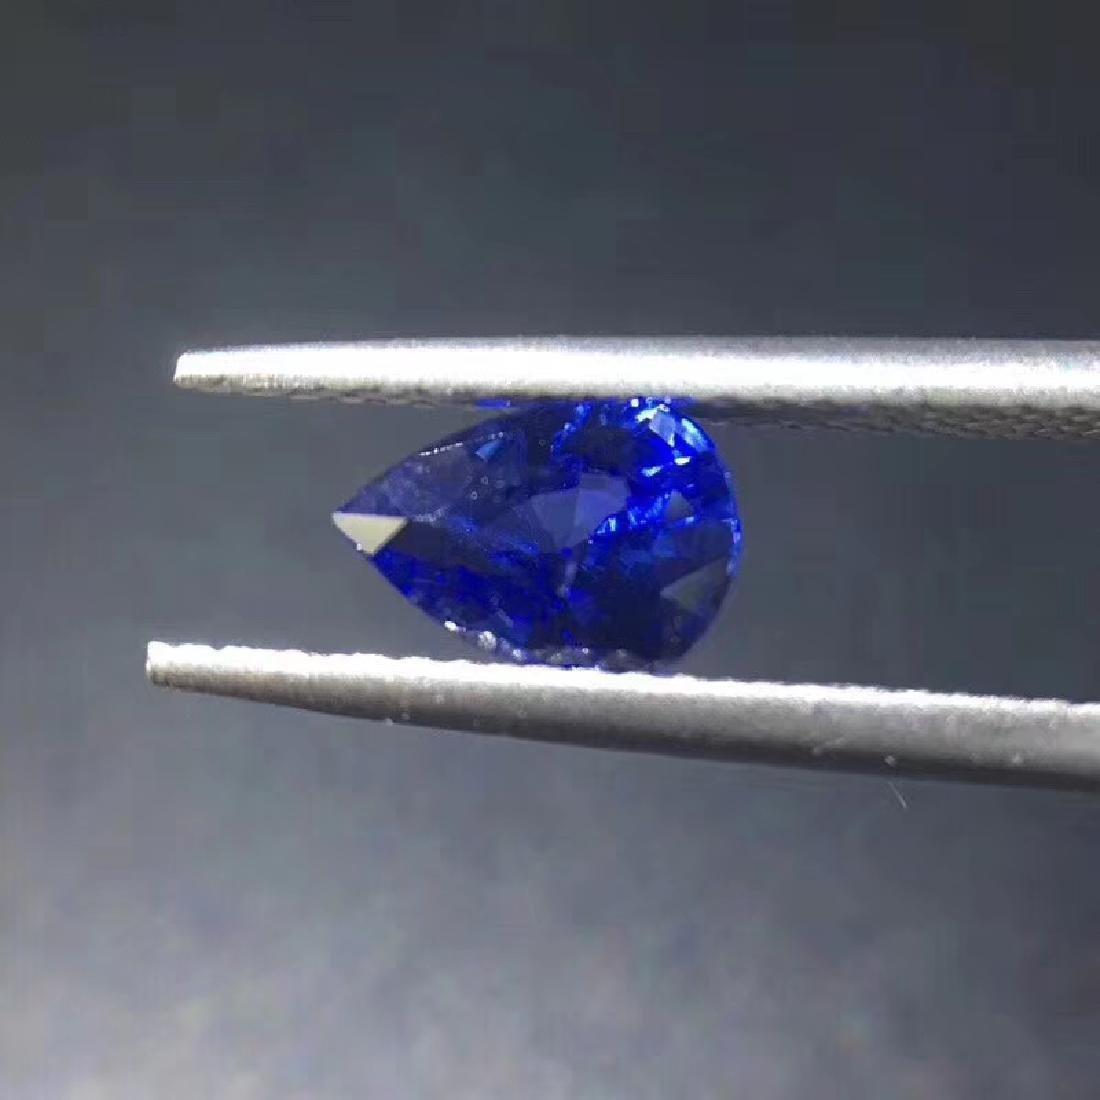 0.99 ct Sapphire 5.2*7.2*3.5 mm Pear Cut